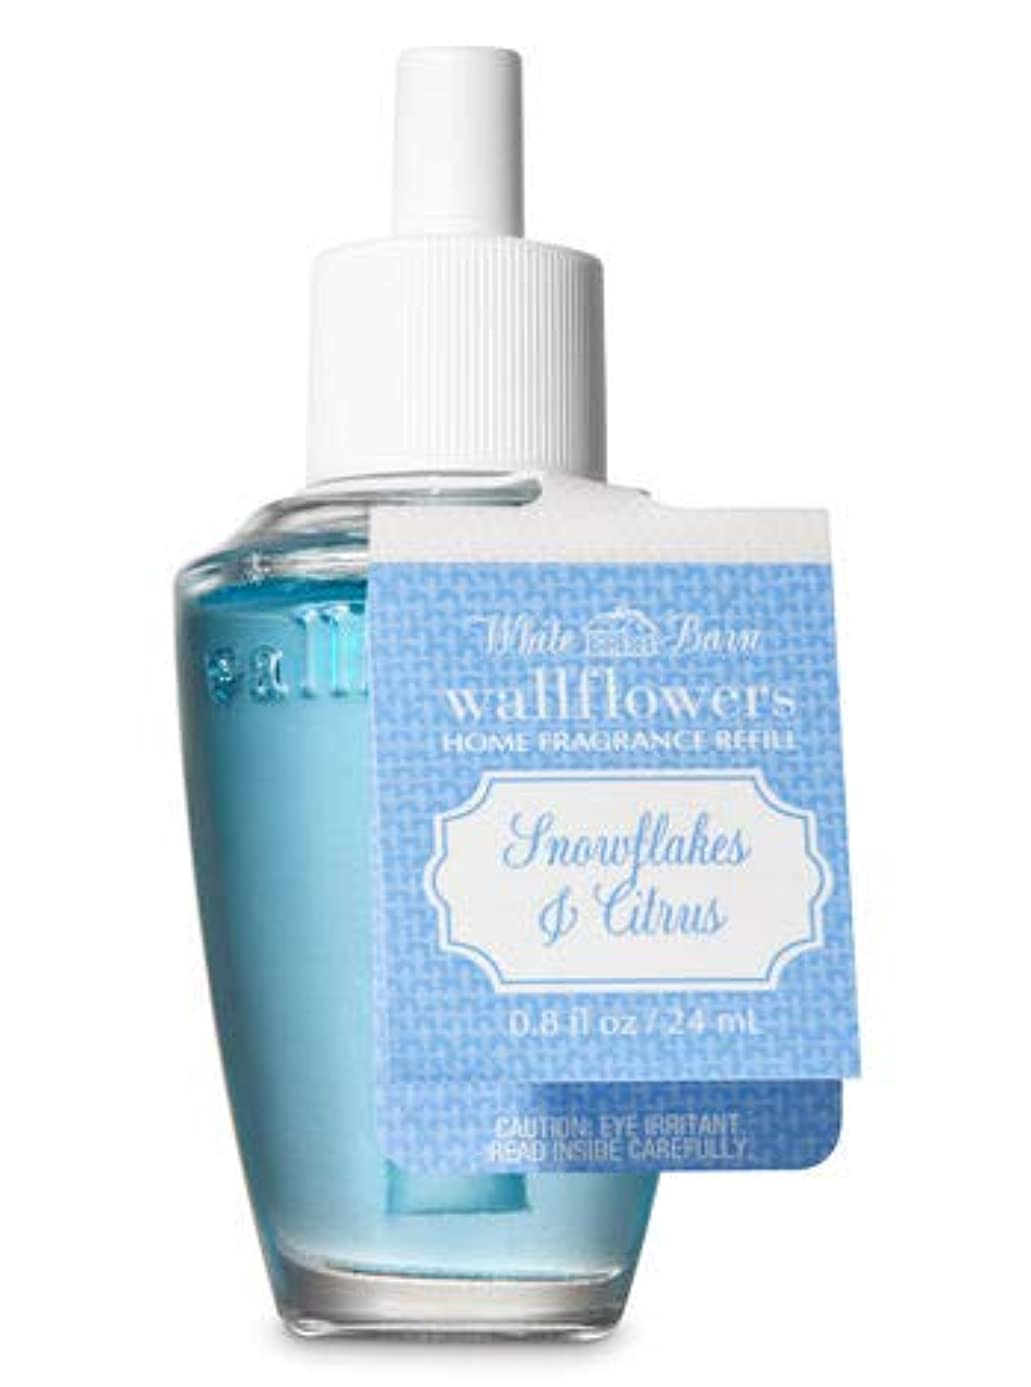 せせらぎ機動何でも【Bath&Body Works/バス&ボディワークス】 ルームフレグランス 詰替えリフィル スノーフレーク&シトラス Wallflowers Home Fragrance Refill Snowflakes & Citrus [並行輸入品]